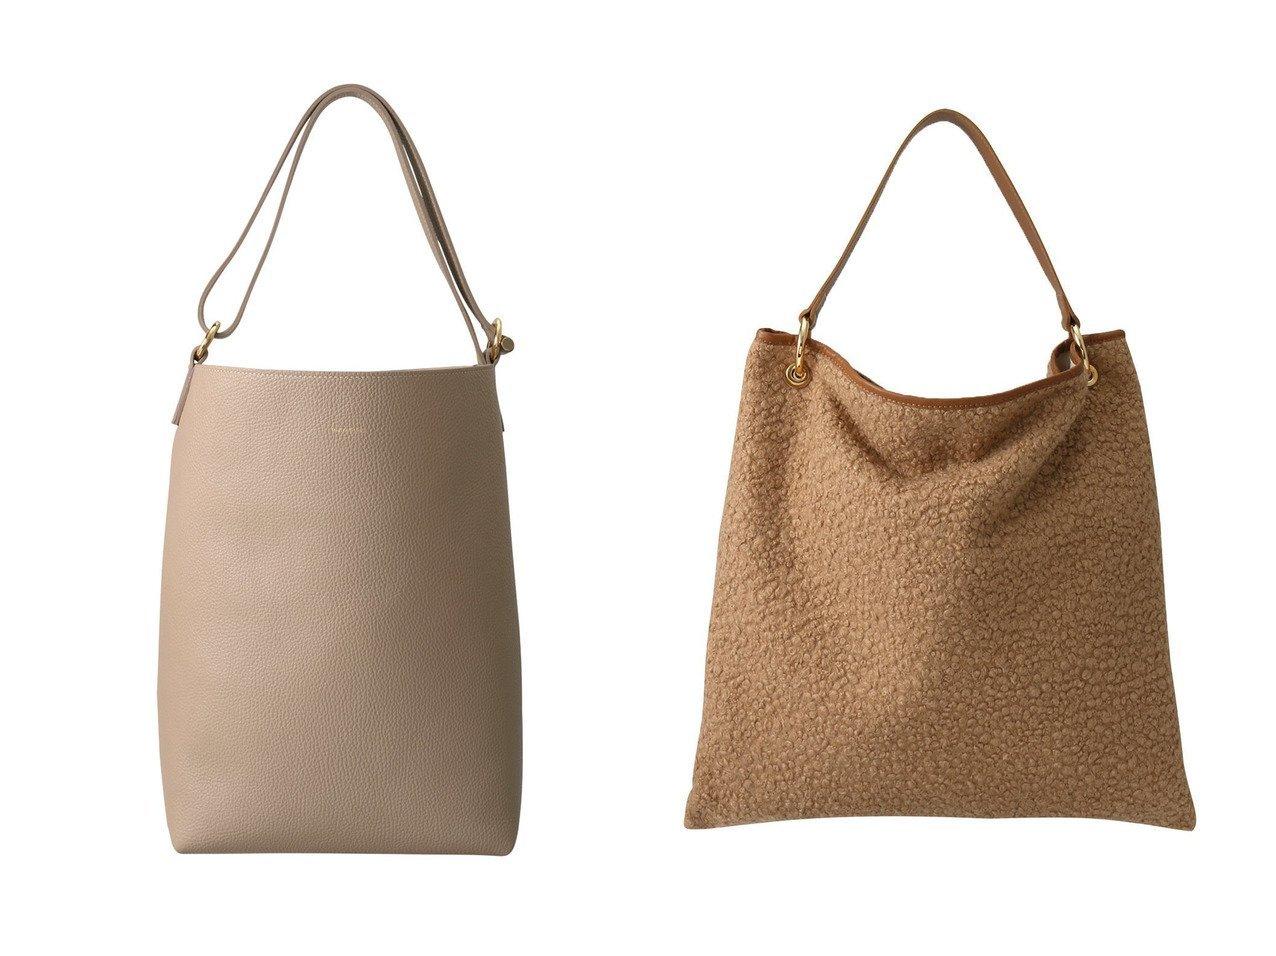 【RIEMPIRE/リエンピーレ】のLAVINA 2wayストラップショルダーバッグ&ROMINA エコシャーリングワンショルダーバッグ 【バッグ・鞄】おすすめ!人気、トレンド・レディースファッションの通販 おすすめで人気の流行・トレンド、ファッションの通販商品 インテリア・家具・メンズファッション・キッズファッション・レディースファッション・服の通販 founy(ファニー) https://founy.com/ ファッション Fashion レディースファッション WOMEN バッグ Bag 2020年 2020 2020-2021秋冬・A/W AW・Autumn/Winter・FW・Fall-Winter/2020-2021 2021年 2021 2021-2022秋冬・A/W AW・Autumn/Winter・FW・Fall-Winter・2021-2022 A/W・秋冬 AW・Autumn/Winter・FW・Fall-Winter ショルダー シンプル ポーチ 再入荷 Restock/Back in Stock/Re Arrival 財布  ID:crp329100000065087